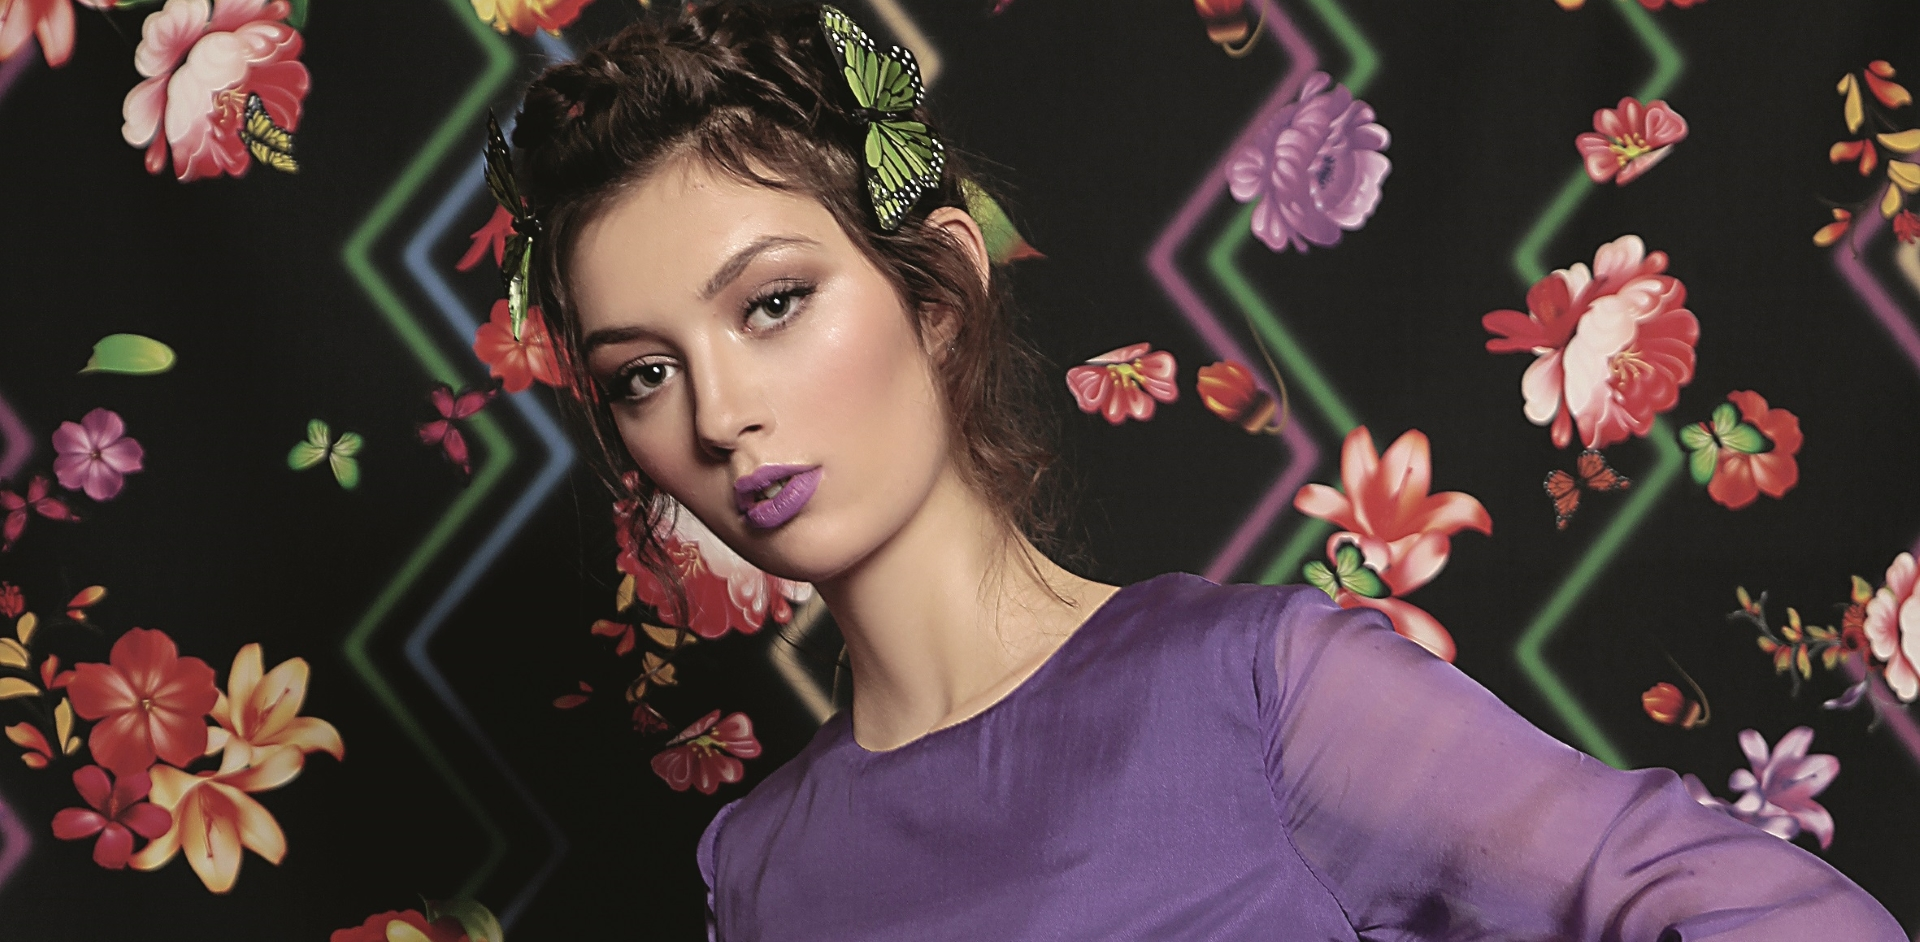 FOTO: Eksplozija boja i mirisne torbice u novoj kolekciji Hippy Gardena